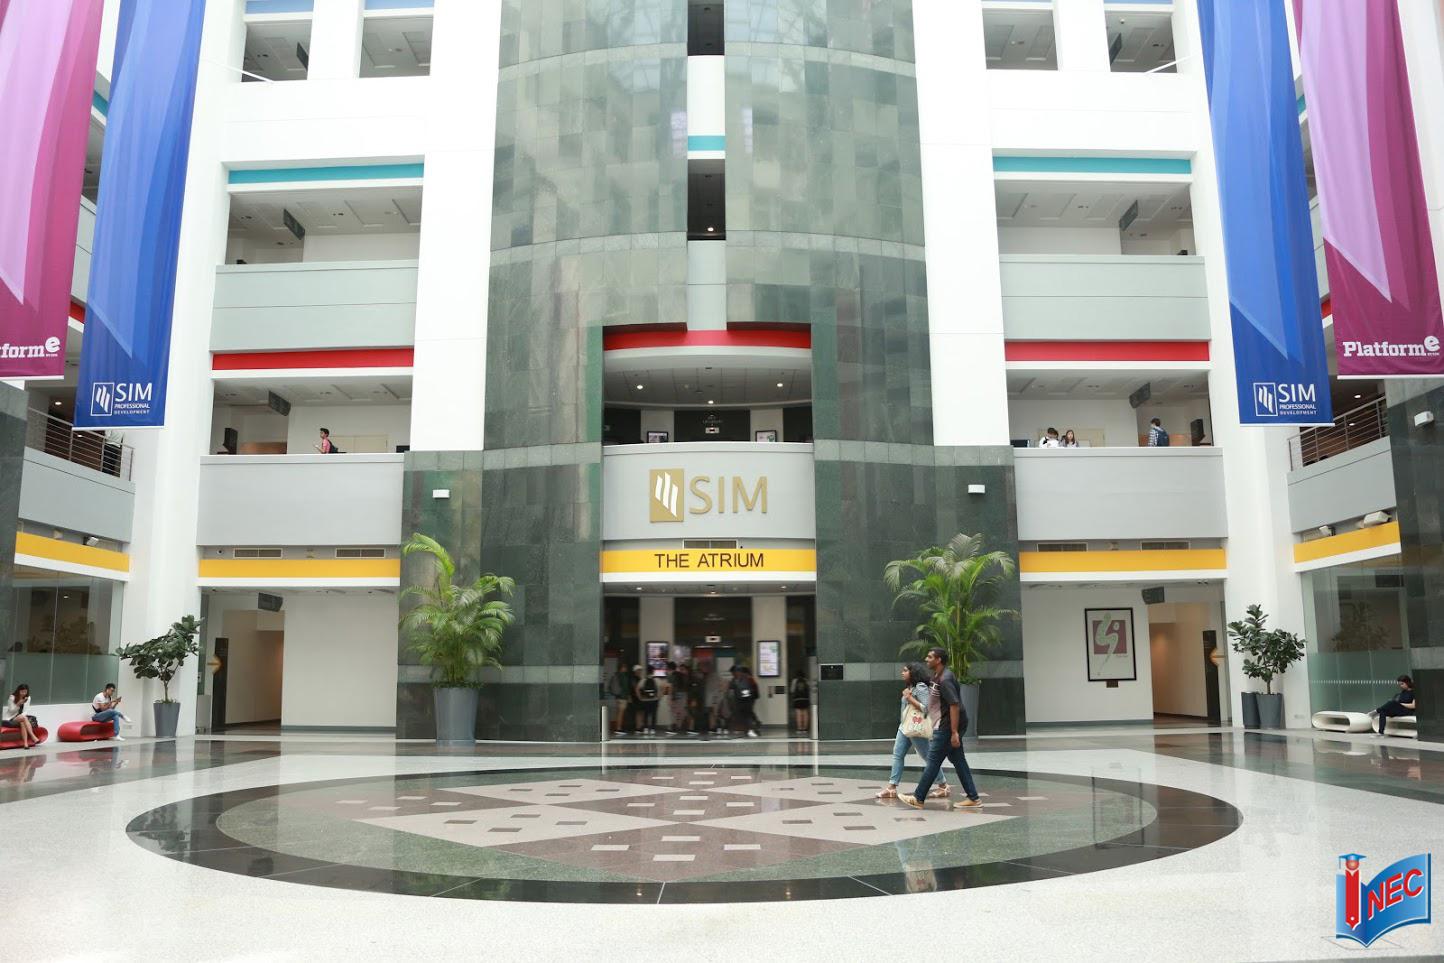 Học Thạc sĩ Đại học Warwick ở SIM Singapore